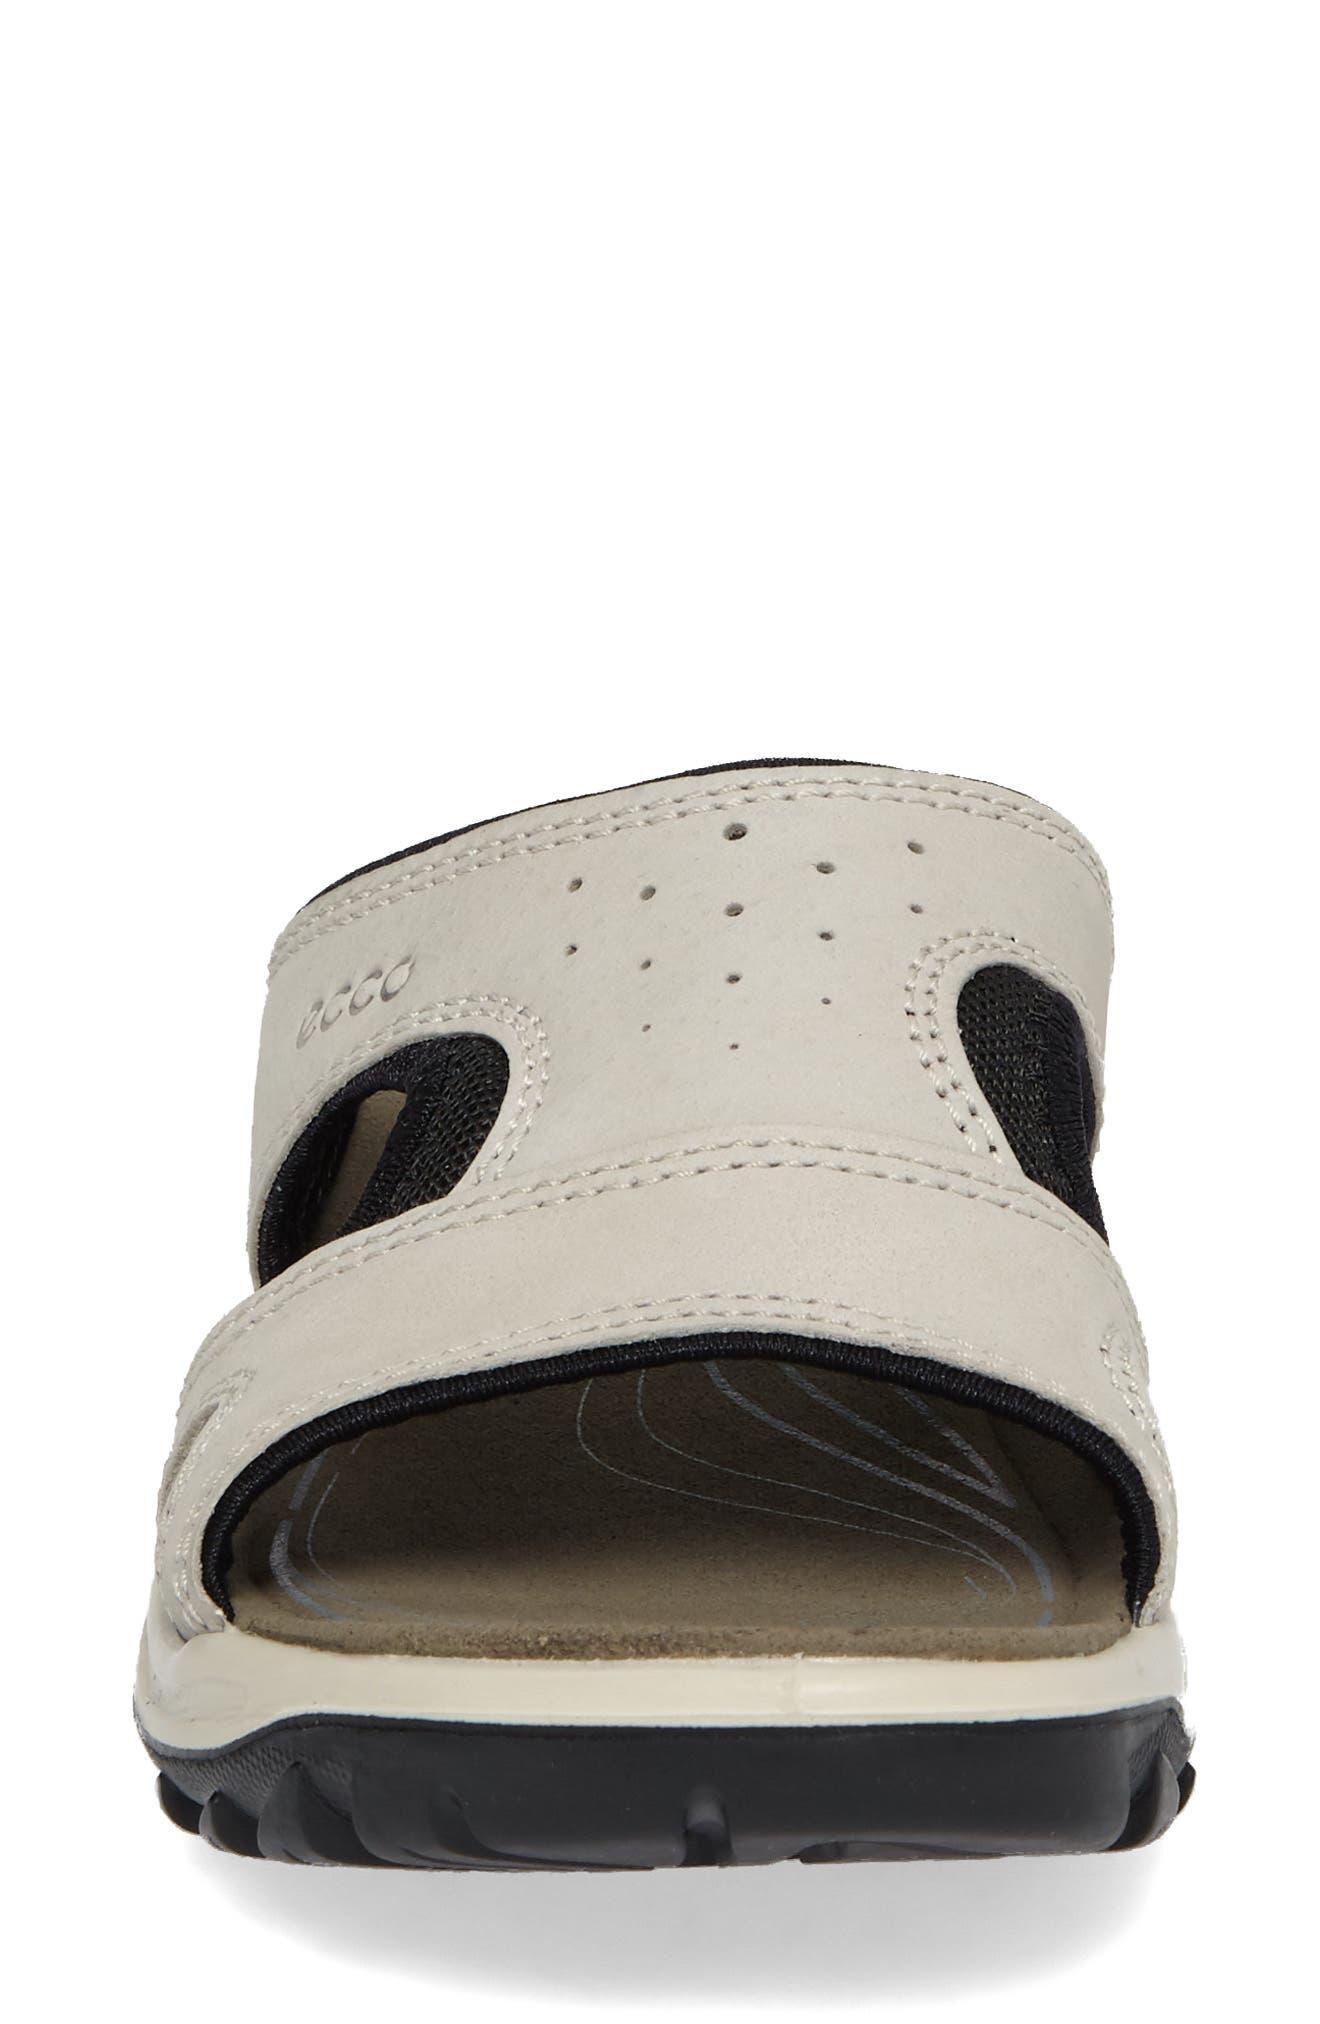 Offroad Lite Slide Sandal,                             Alternate thumbnail 4, color,                             GRAVEL/ BLACK LEATHER